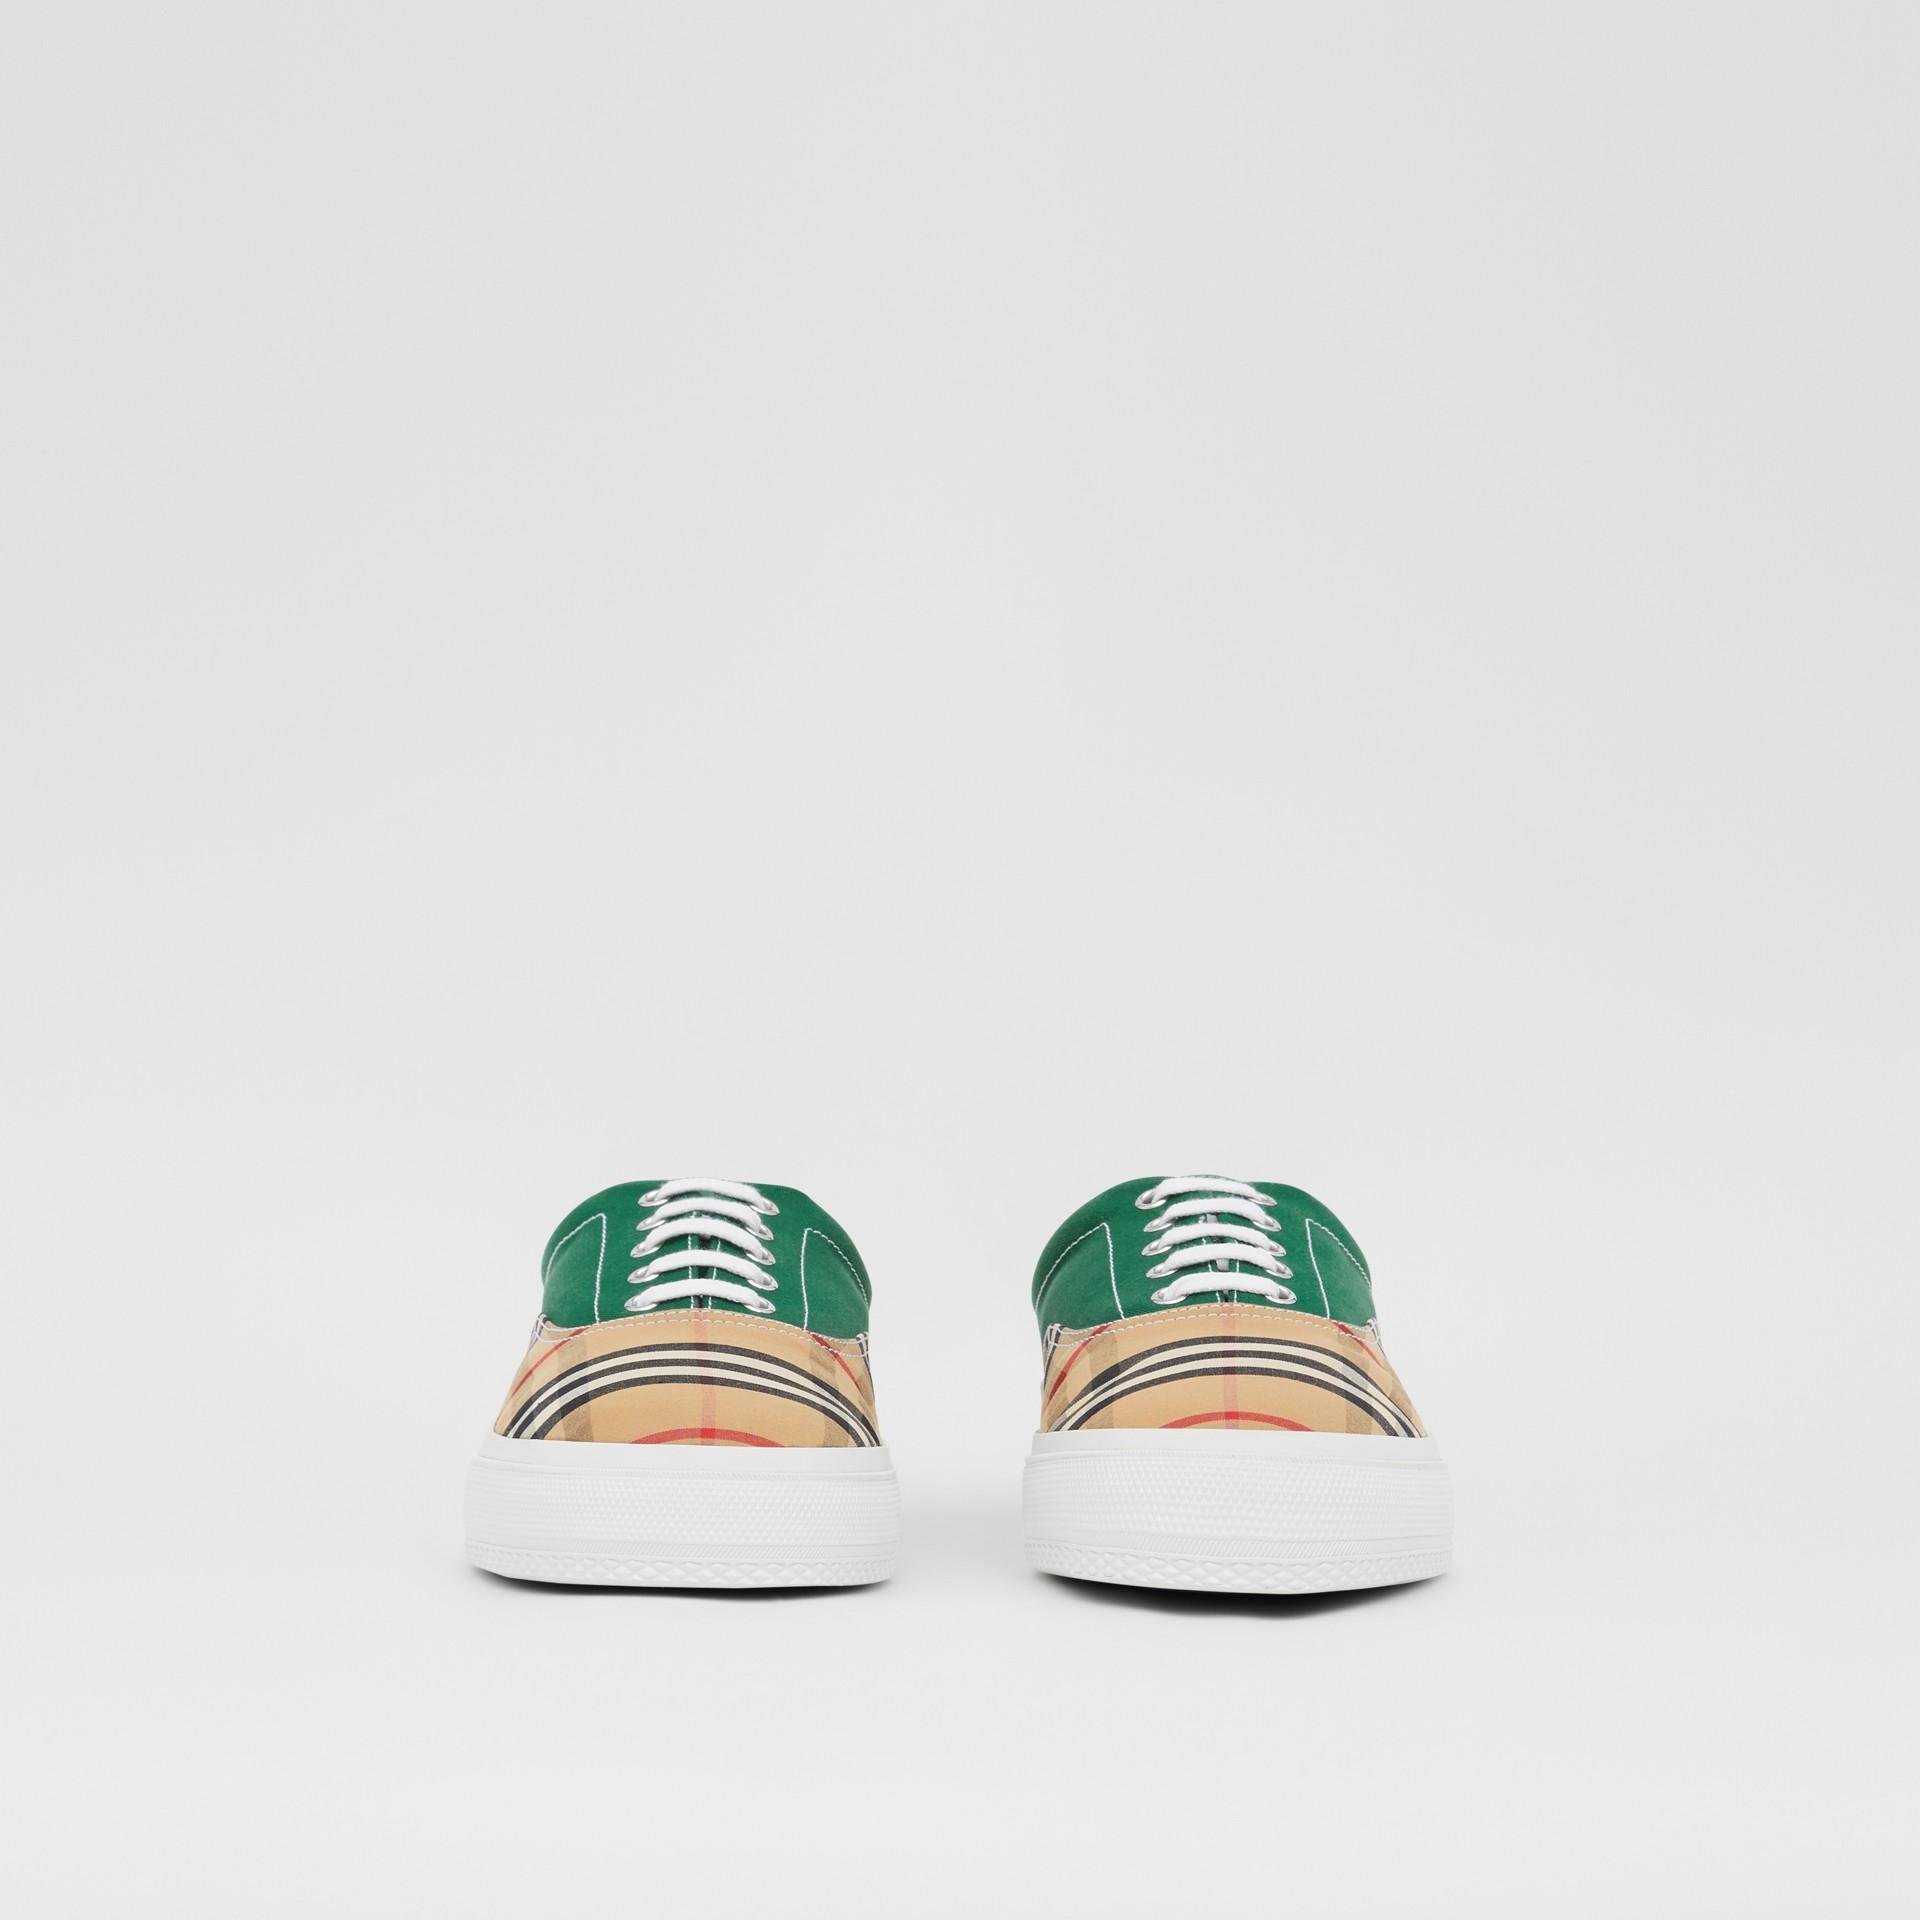 Sneakers en tissu Vintage check, toile de coton et cuir velours (Beige D'archive/vert) - Homme | Burberry - photo de la galerie 2